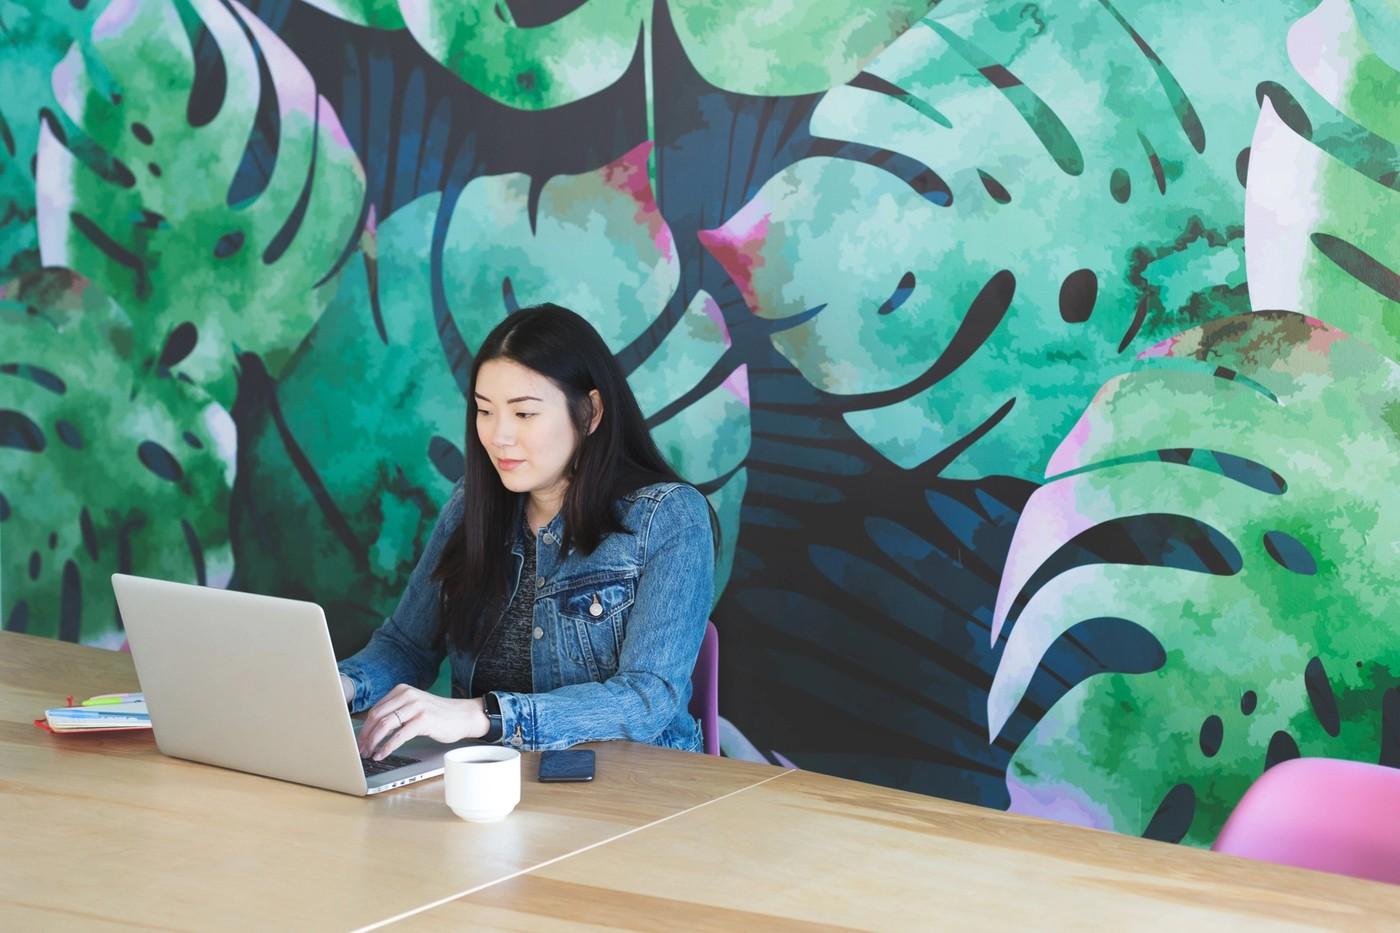 Une freelance travaille sur un ordinateur